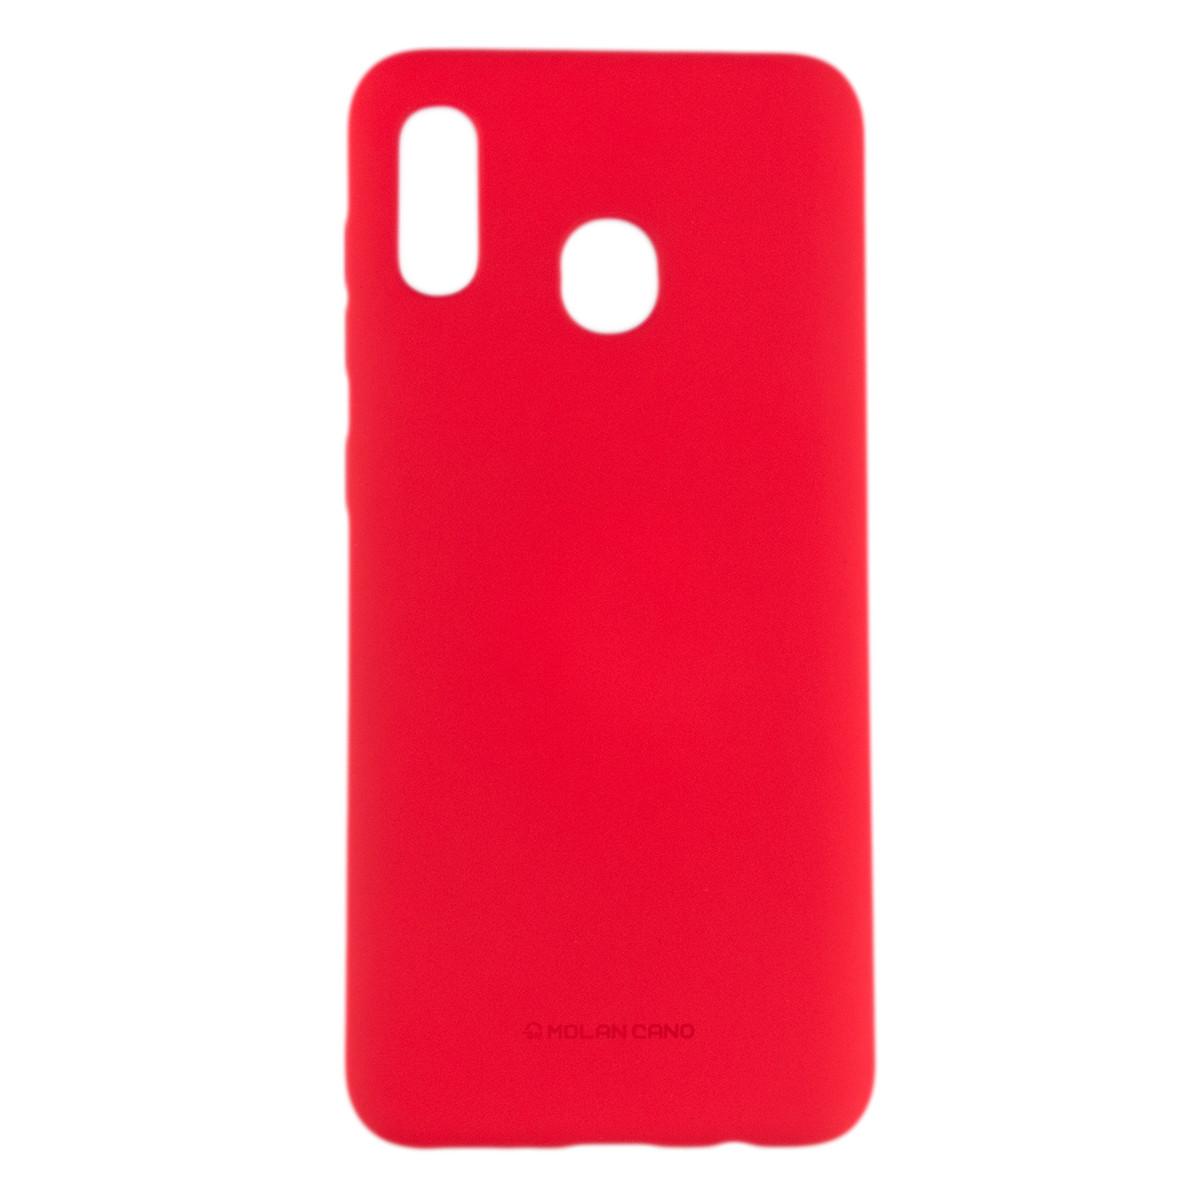 Оригинальный силиконовый чехол Molan Cano Jelly Case для Samsung Galaxy A30 (SM-A305) (красный)